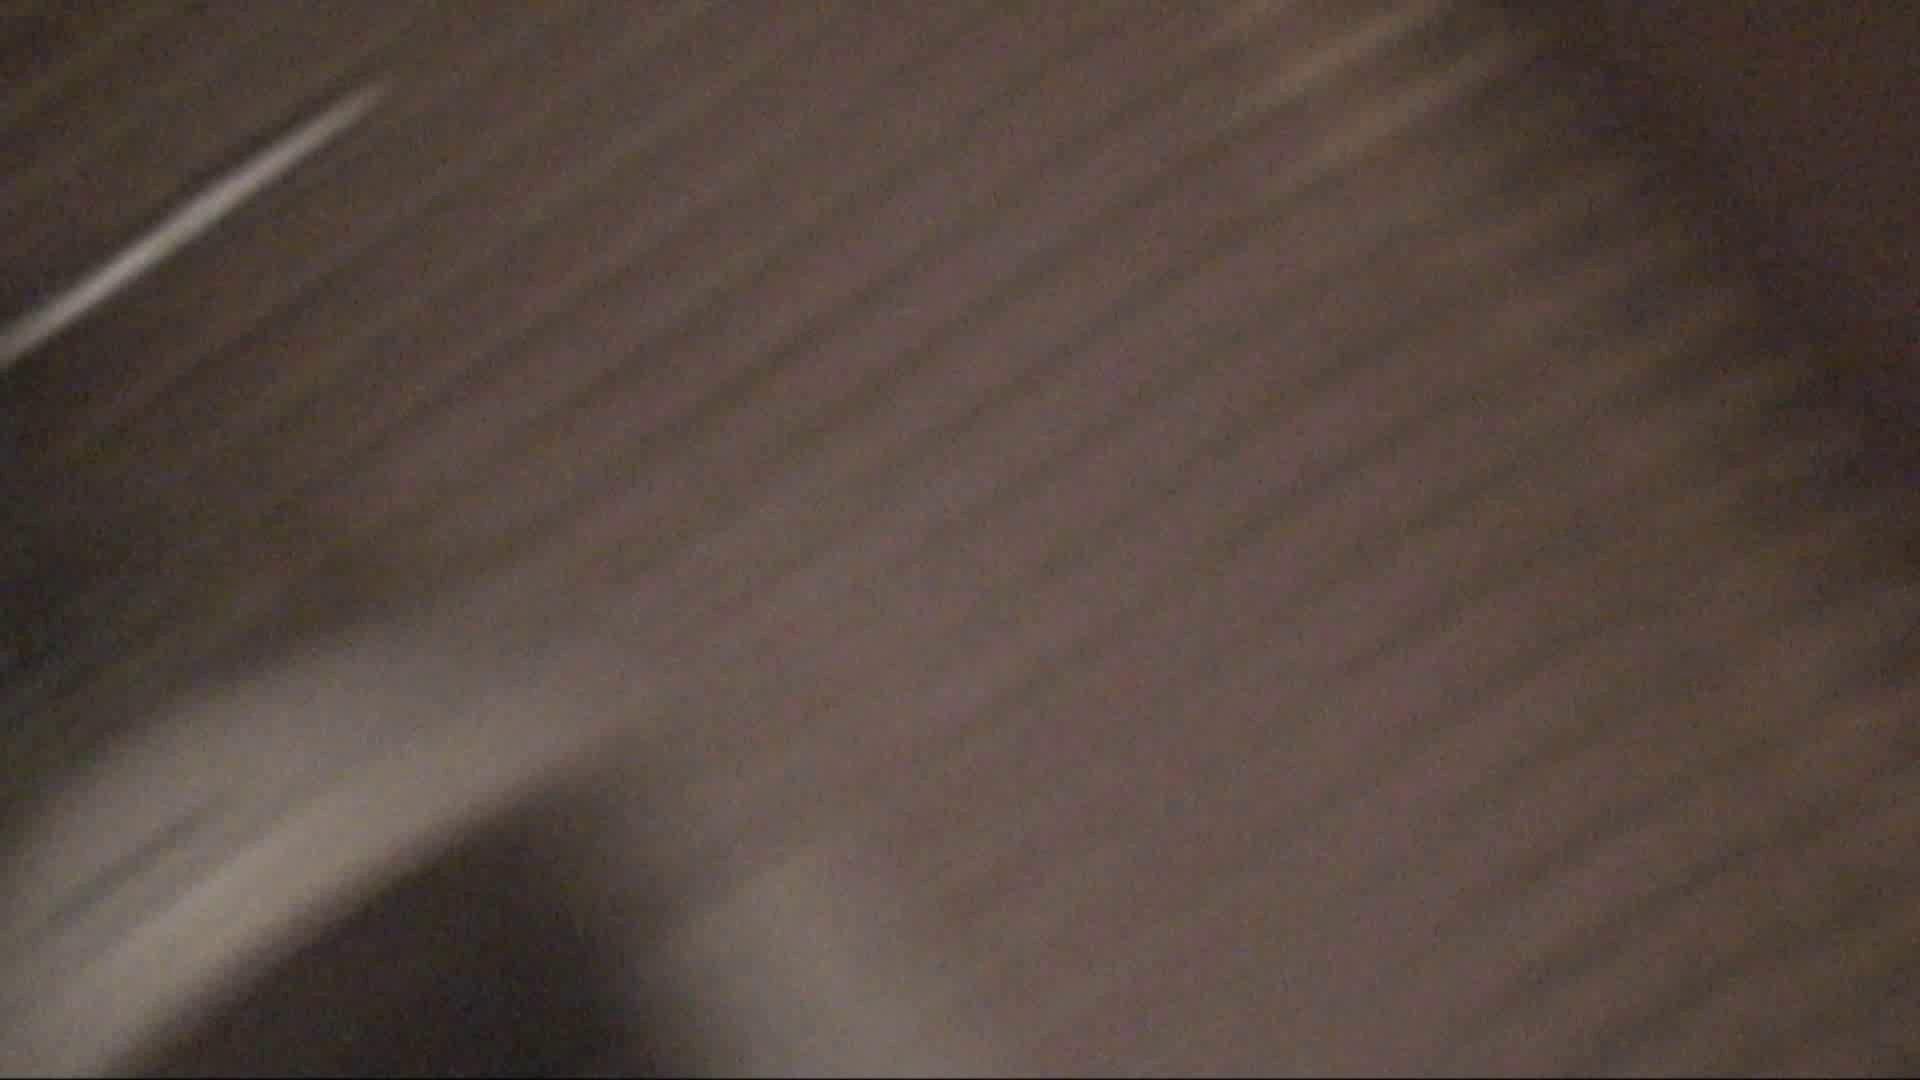 洗面所内潜入!同級生が同級生を盗撮! vol.02 盗撮編 エロ画像 80枚 41